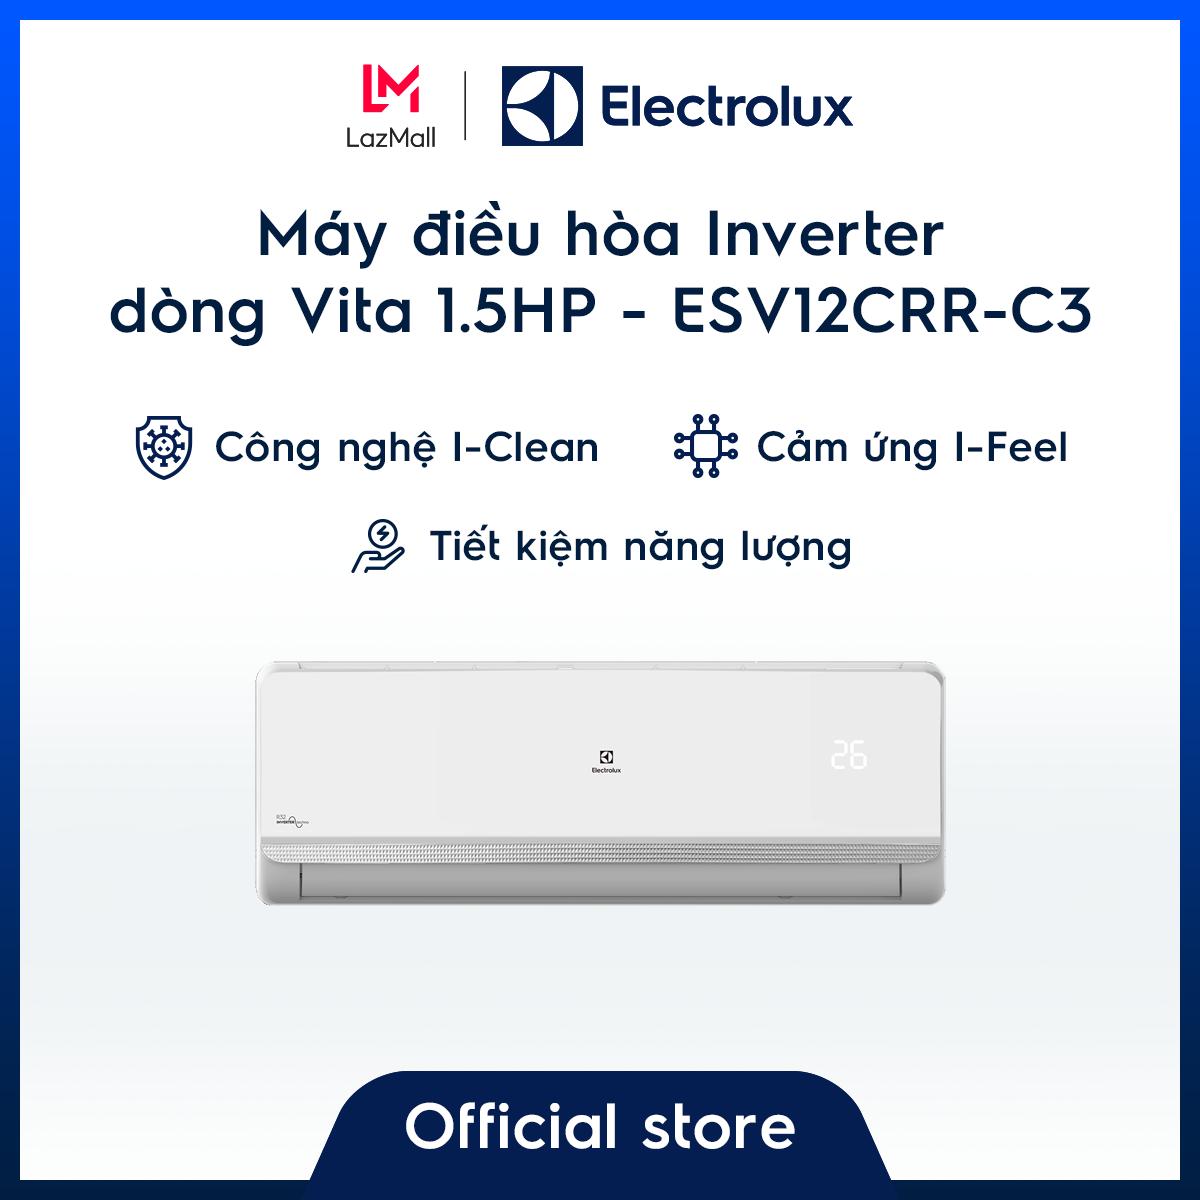 Máy điều hòa Electrolux Inverter 1.5HP 12000BTU ESV12CRR-C3 – Màu trắng sang trọng – Làm mát nhanh – Lọc khí và hạn chế vi khuẩn – Tiết kiệm điện – Cảm biến thông minh – Hàng chính hãng